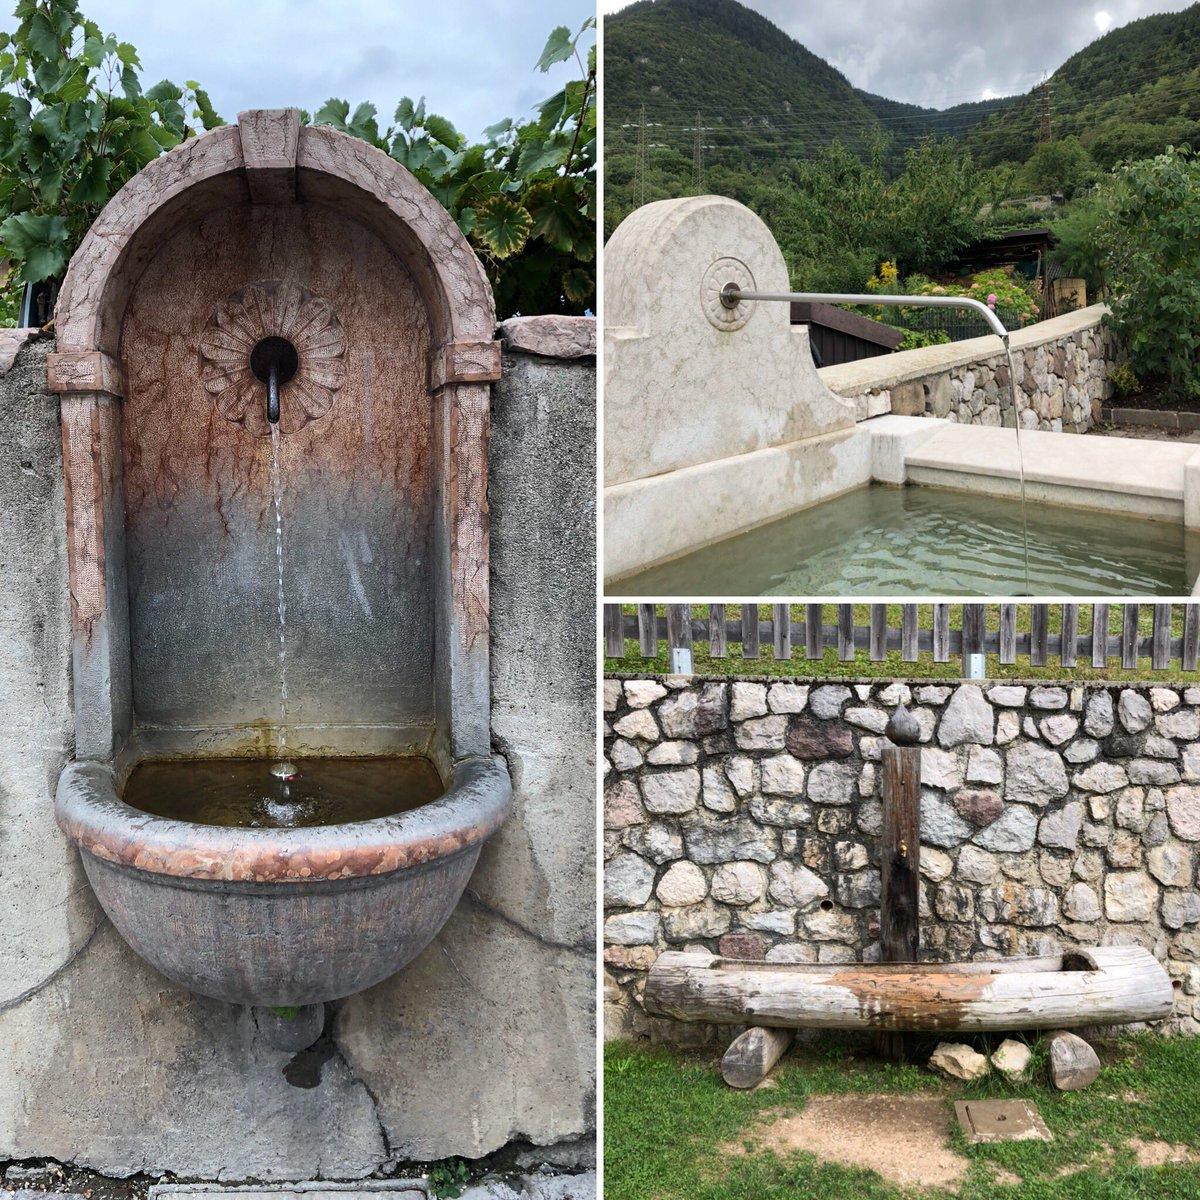 #Folge1 #typischuntypisch: Trinkbrunnen. Diese Brunnen zum Auffüllen der…